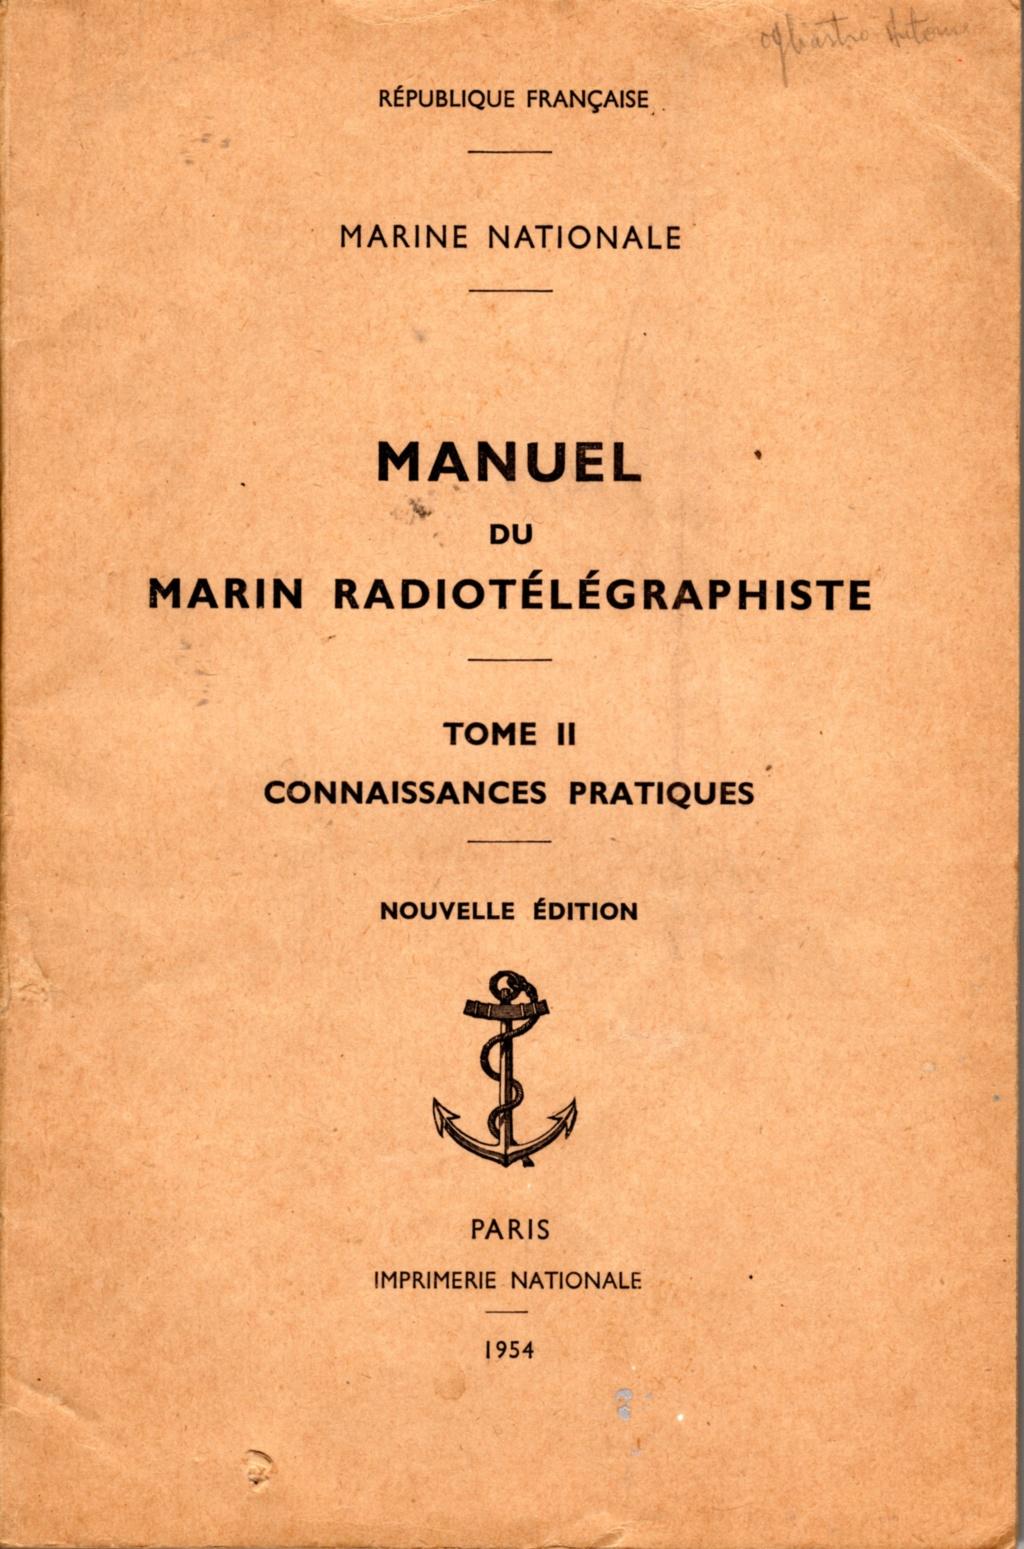 LA SPÉCIALITÉ DE RADIO - Page 15 Img01010